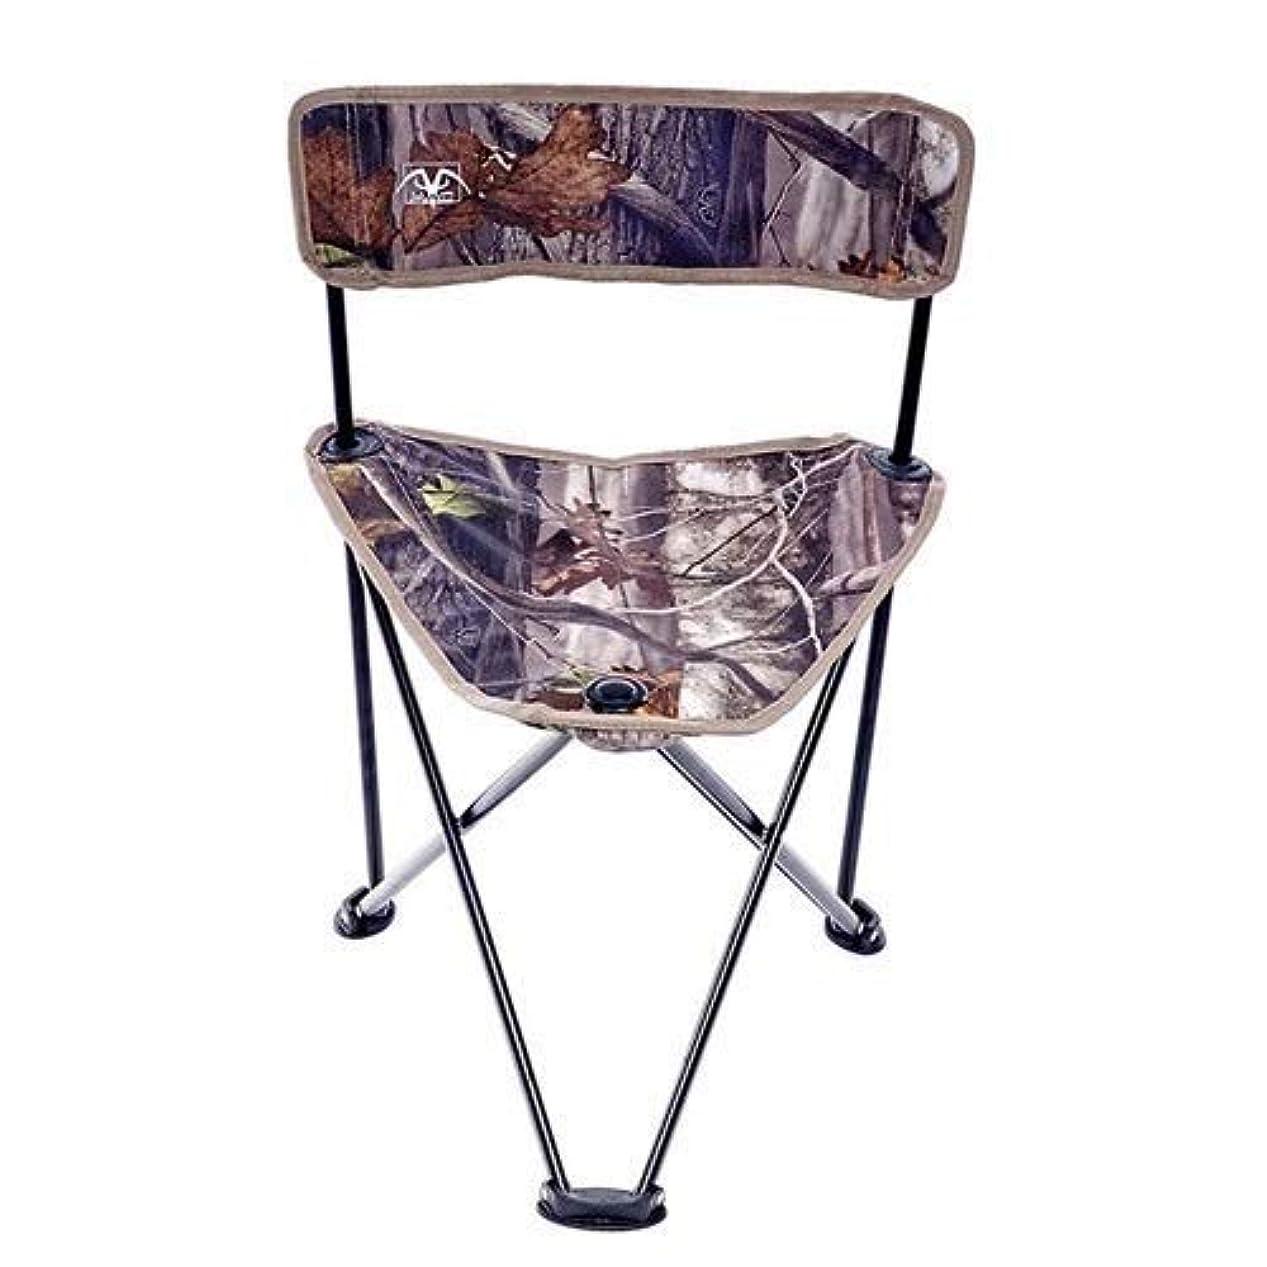 欲望眠り学校教育屋外ポータブル折りたたみ三角形椅子キャンプスツール背もたれ軽量レジャー快適さ安全ピクニック旅行釣り登山バーベキュー公園ビーチ